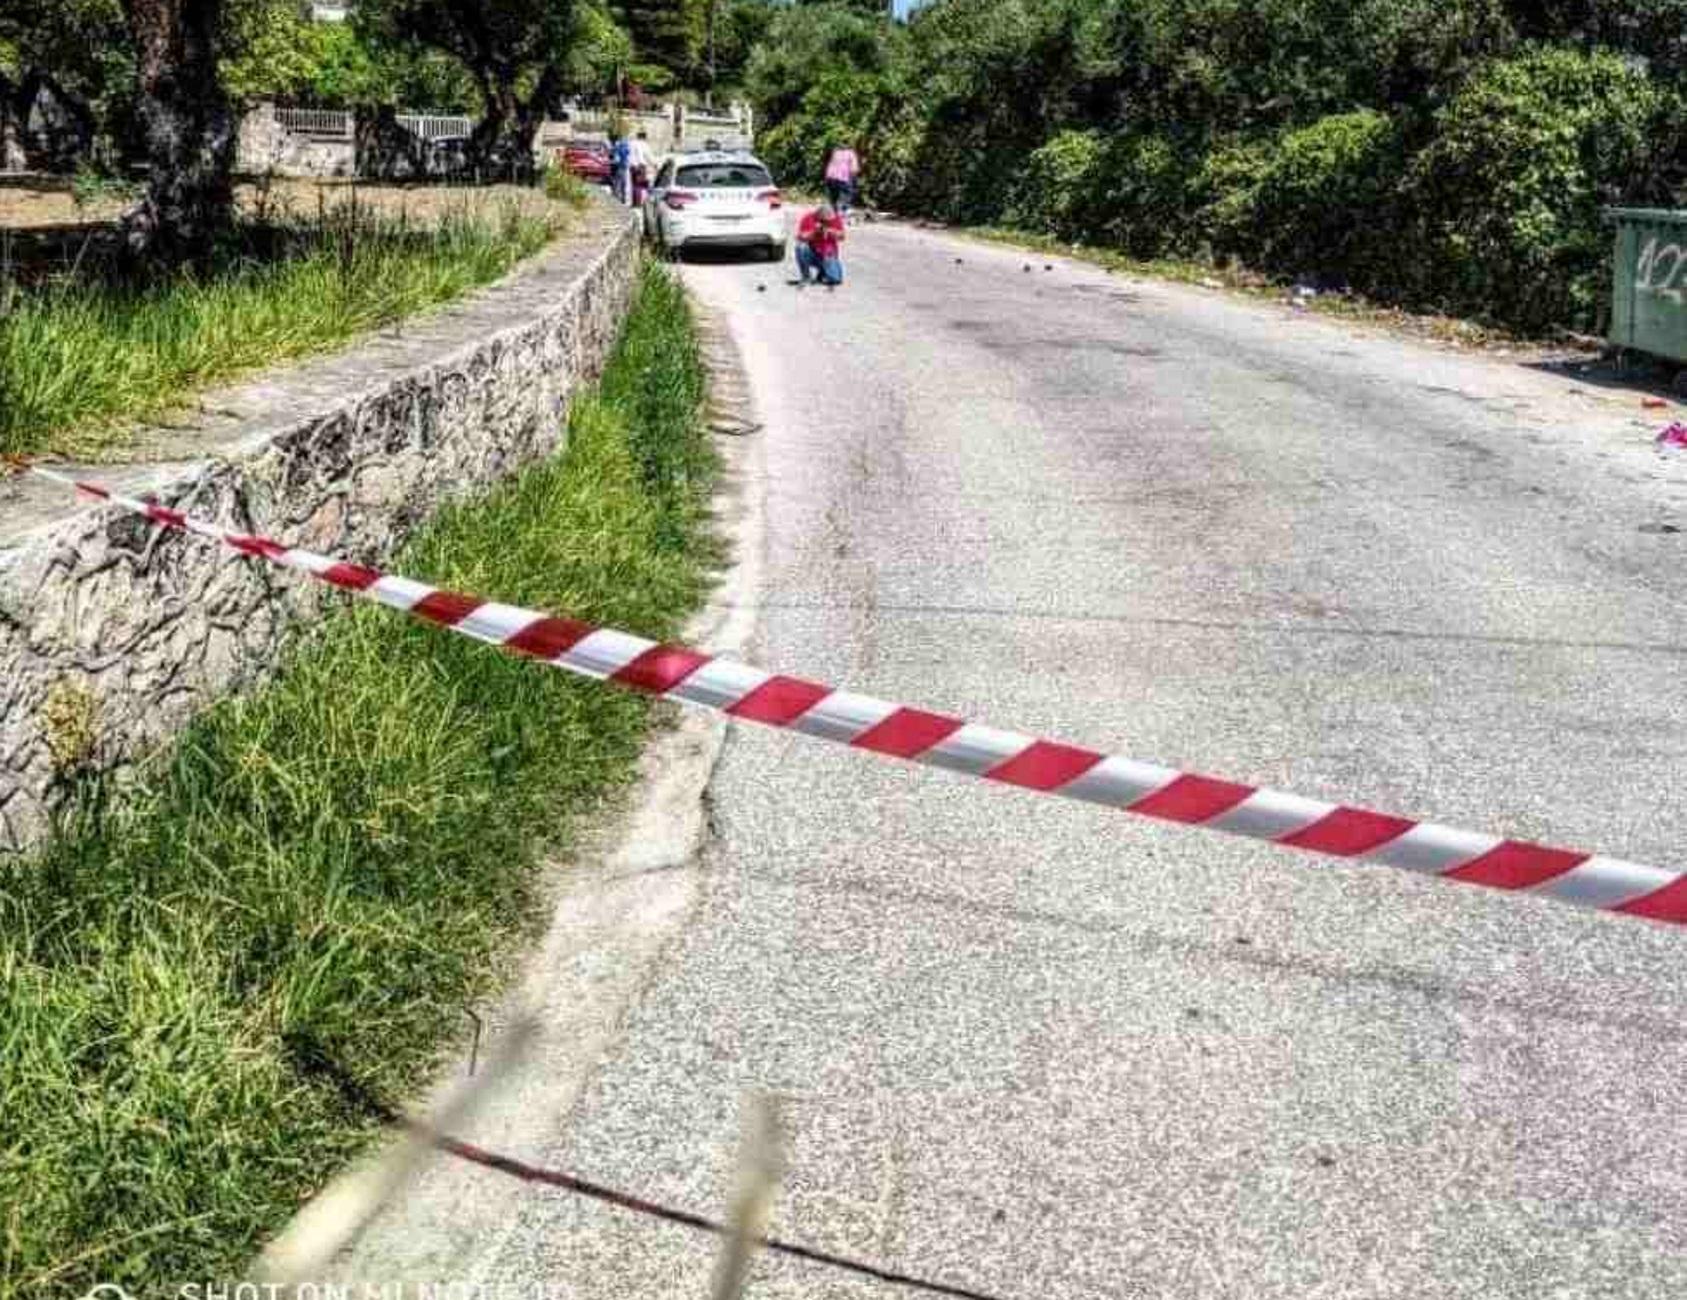 Ζάκυνθος: Παραδόθηκε ο εφοπλιστής που κατηγορείται για εμπλοκή στη δολοφονία της Χριστίνας Κλουτσινιώτη